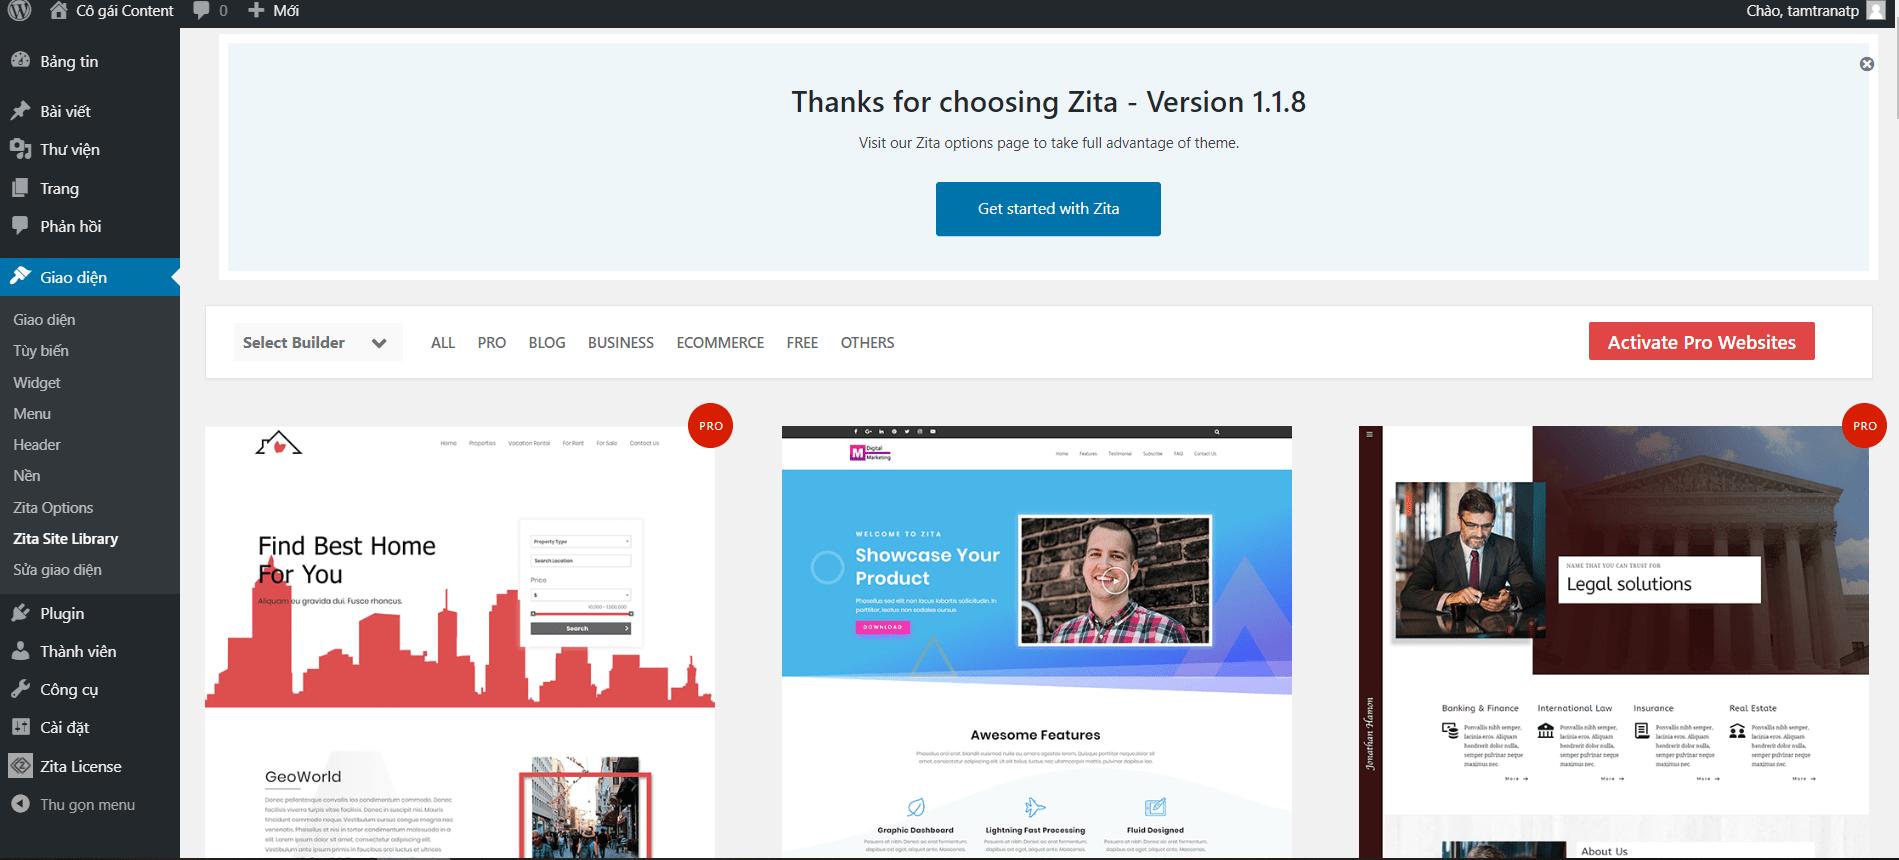 Screenshot 56 - Hướng dẫn tự thiết kế website không cần dùng code cho người mới bắt đầu từ A-Z